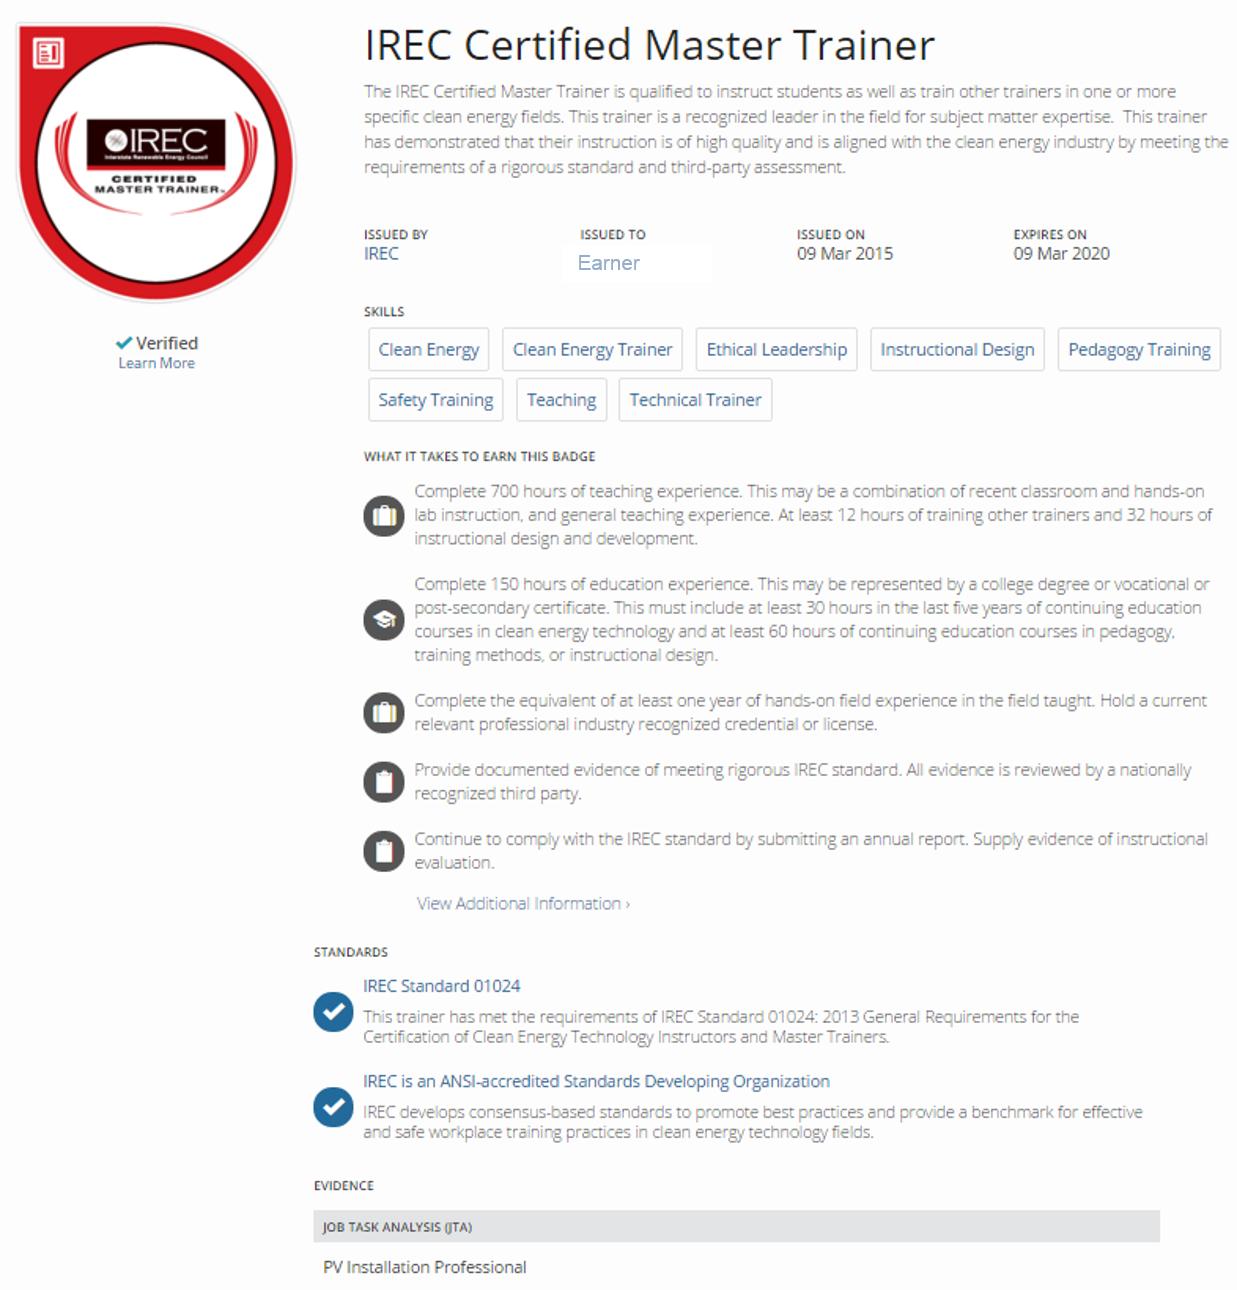 IREC_MT_Digital_Credential